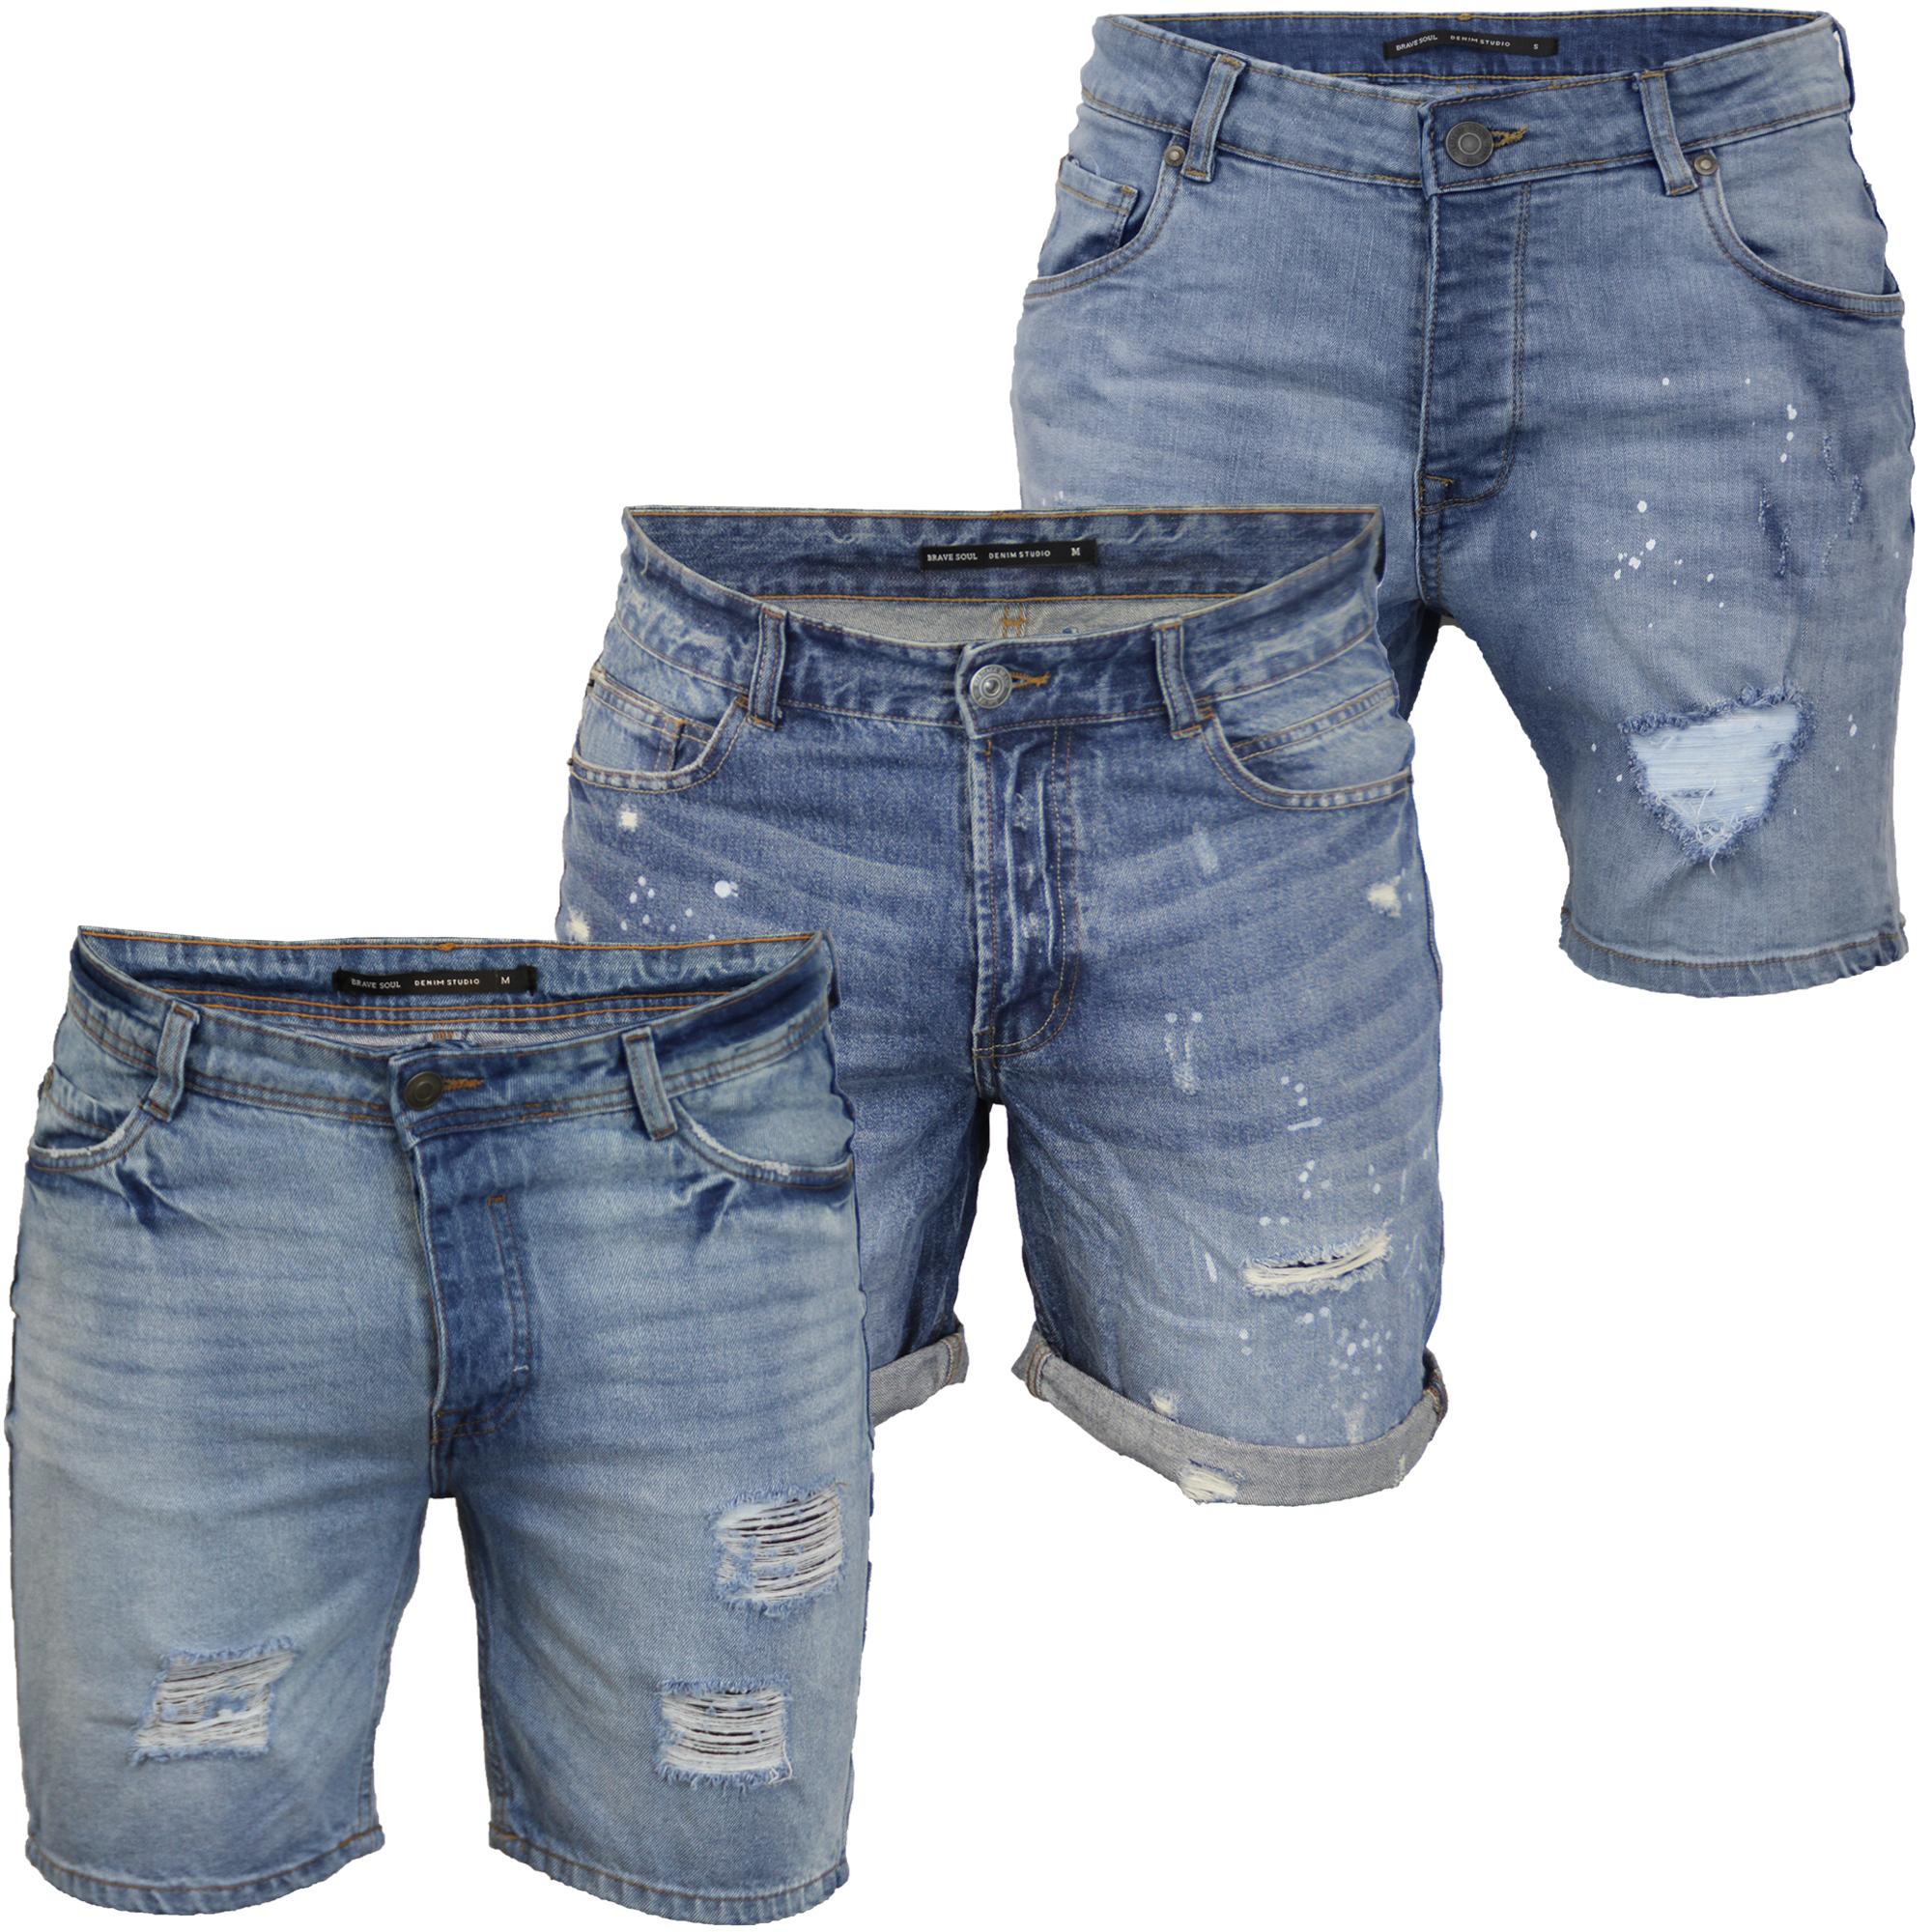 d5fb887ddf81 Detalles acerca de Para Hombre rasgada Pantalones cortos de mezclilla alma  valiente Gregorio Pantalones Jack a la rodilla con aspecto envejecido- ...